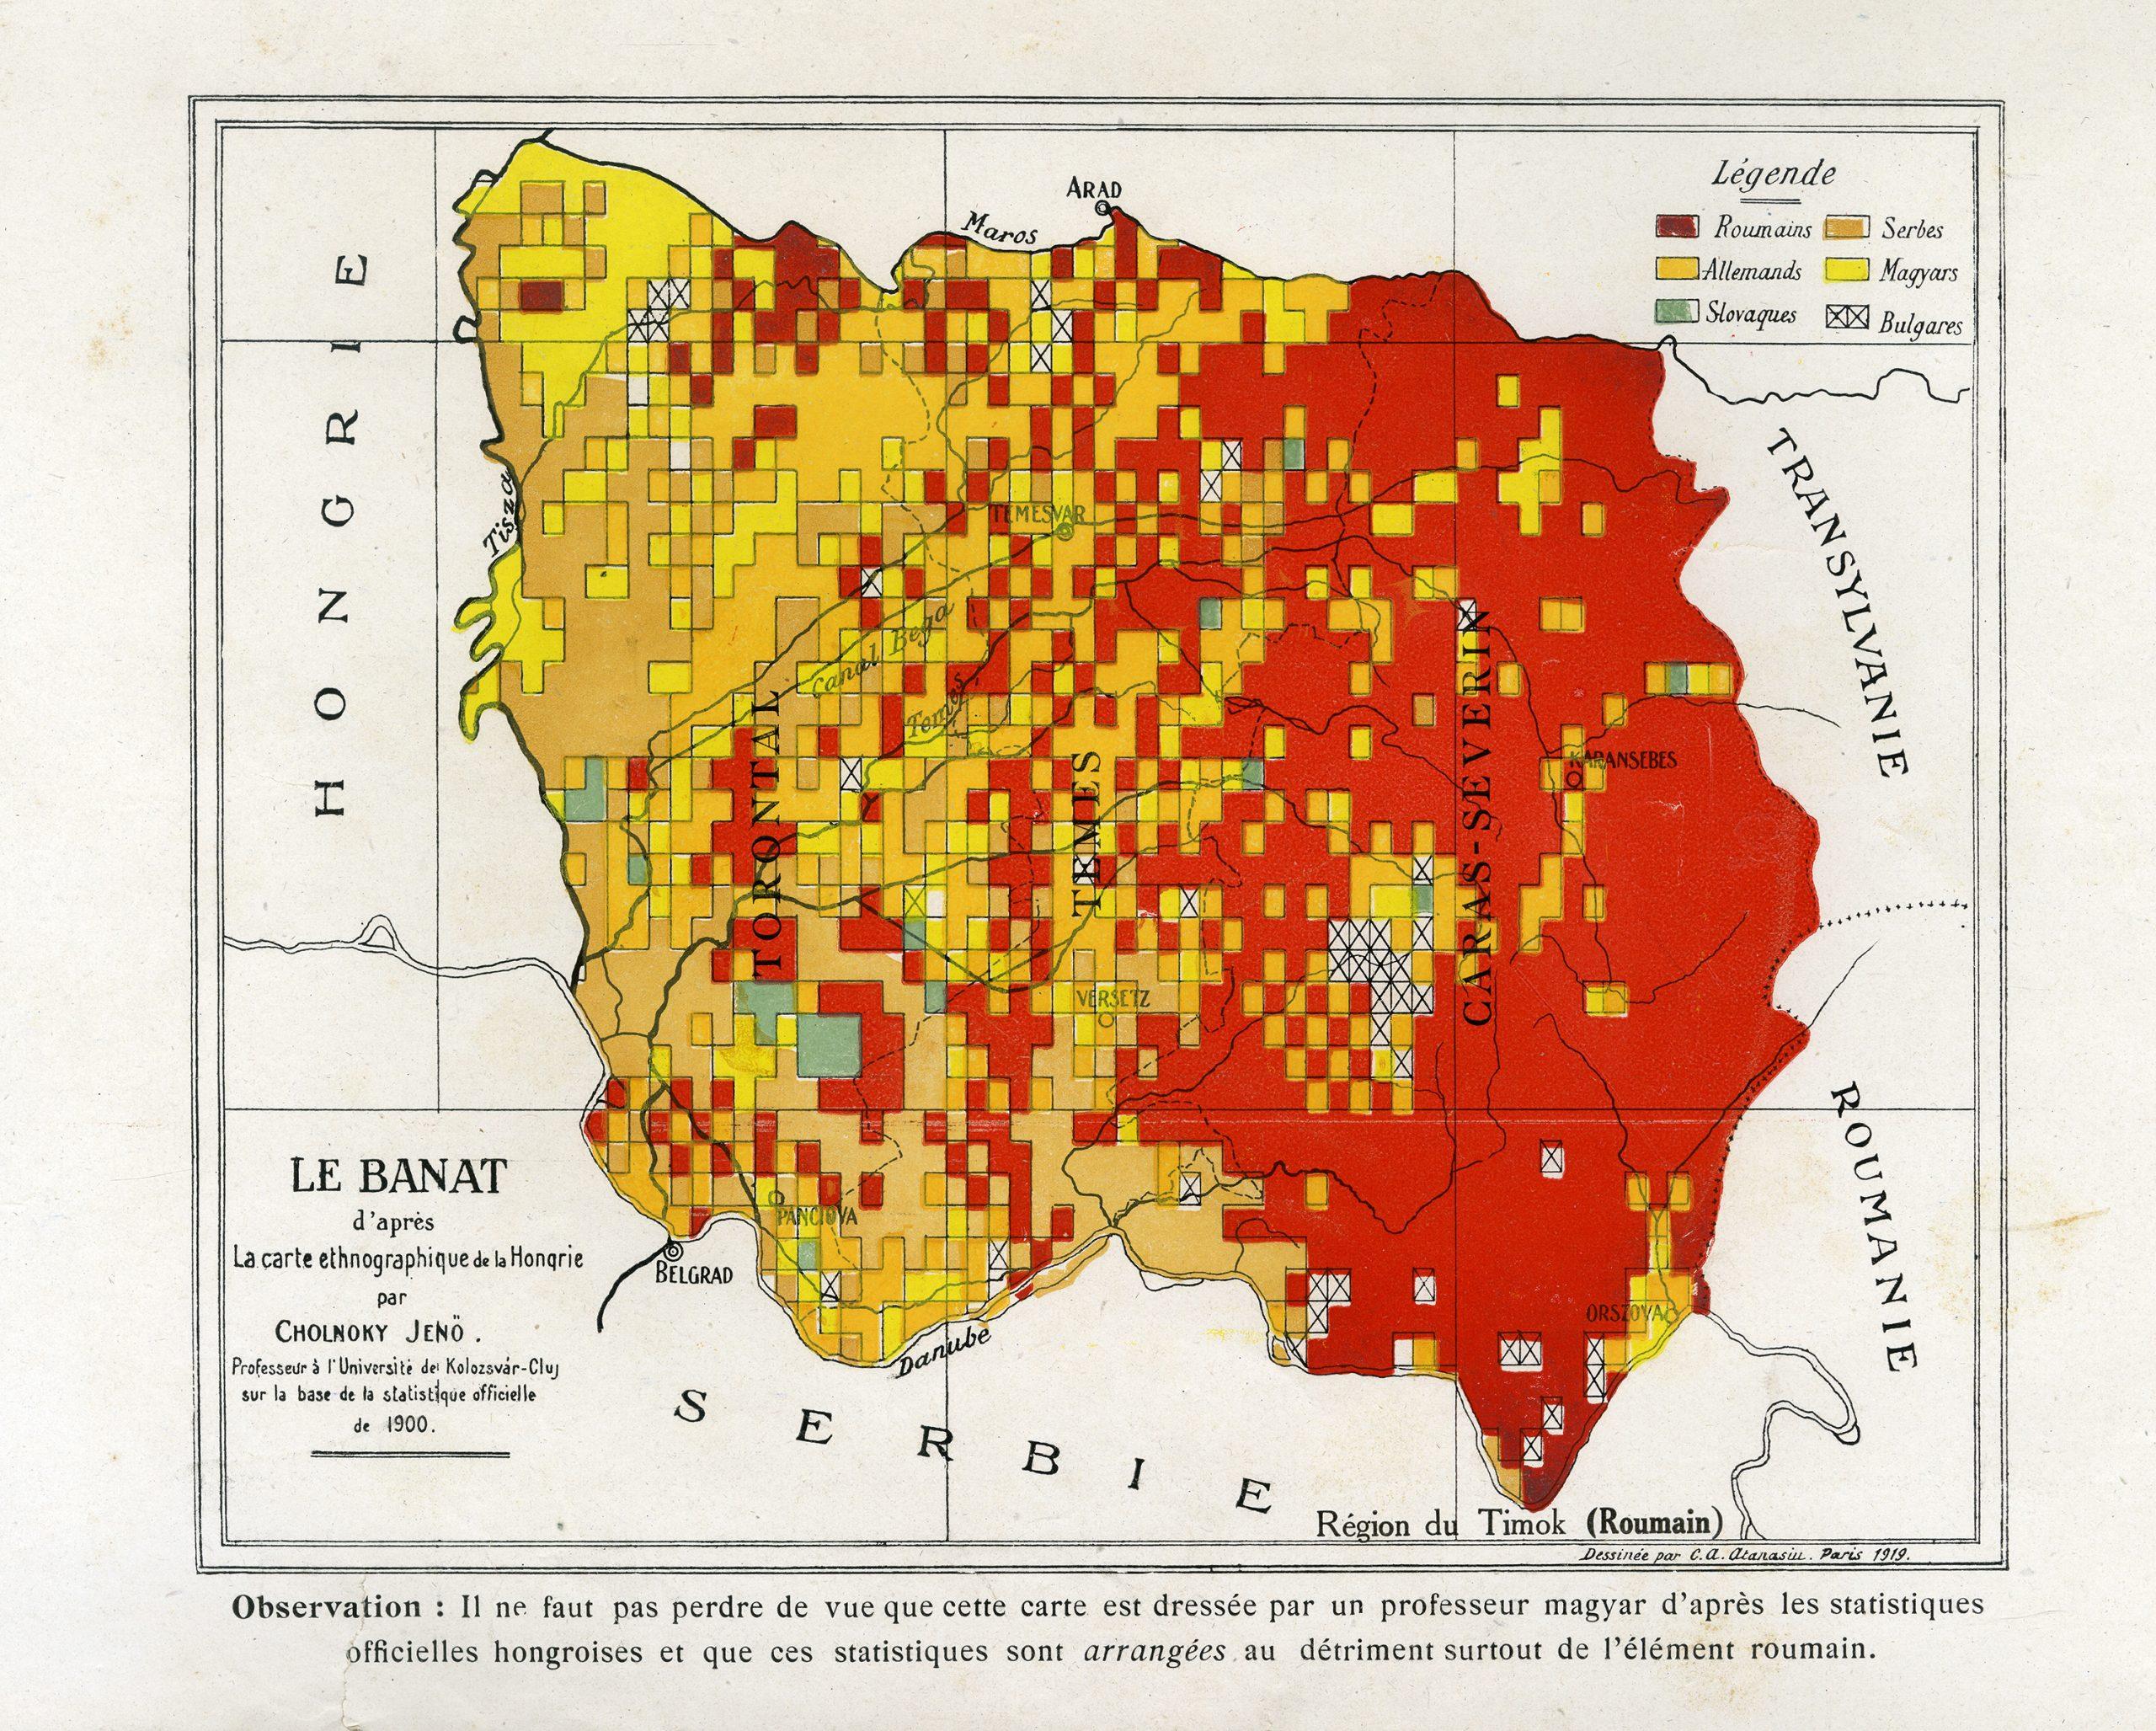 Hartă Le Banat d'apres La carte ethnographique de la Hongrie par Cholnoky Jeno Professeur a l'Universite de Kolozsvar-Cluj sur la base de la statistique officielle de 1900